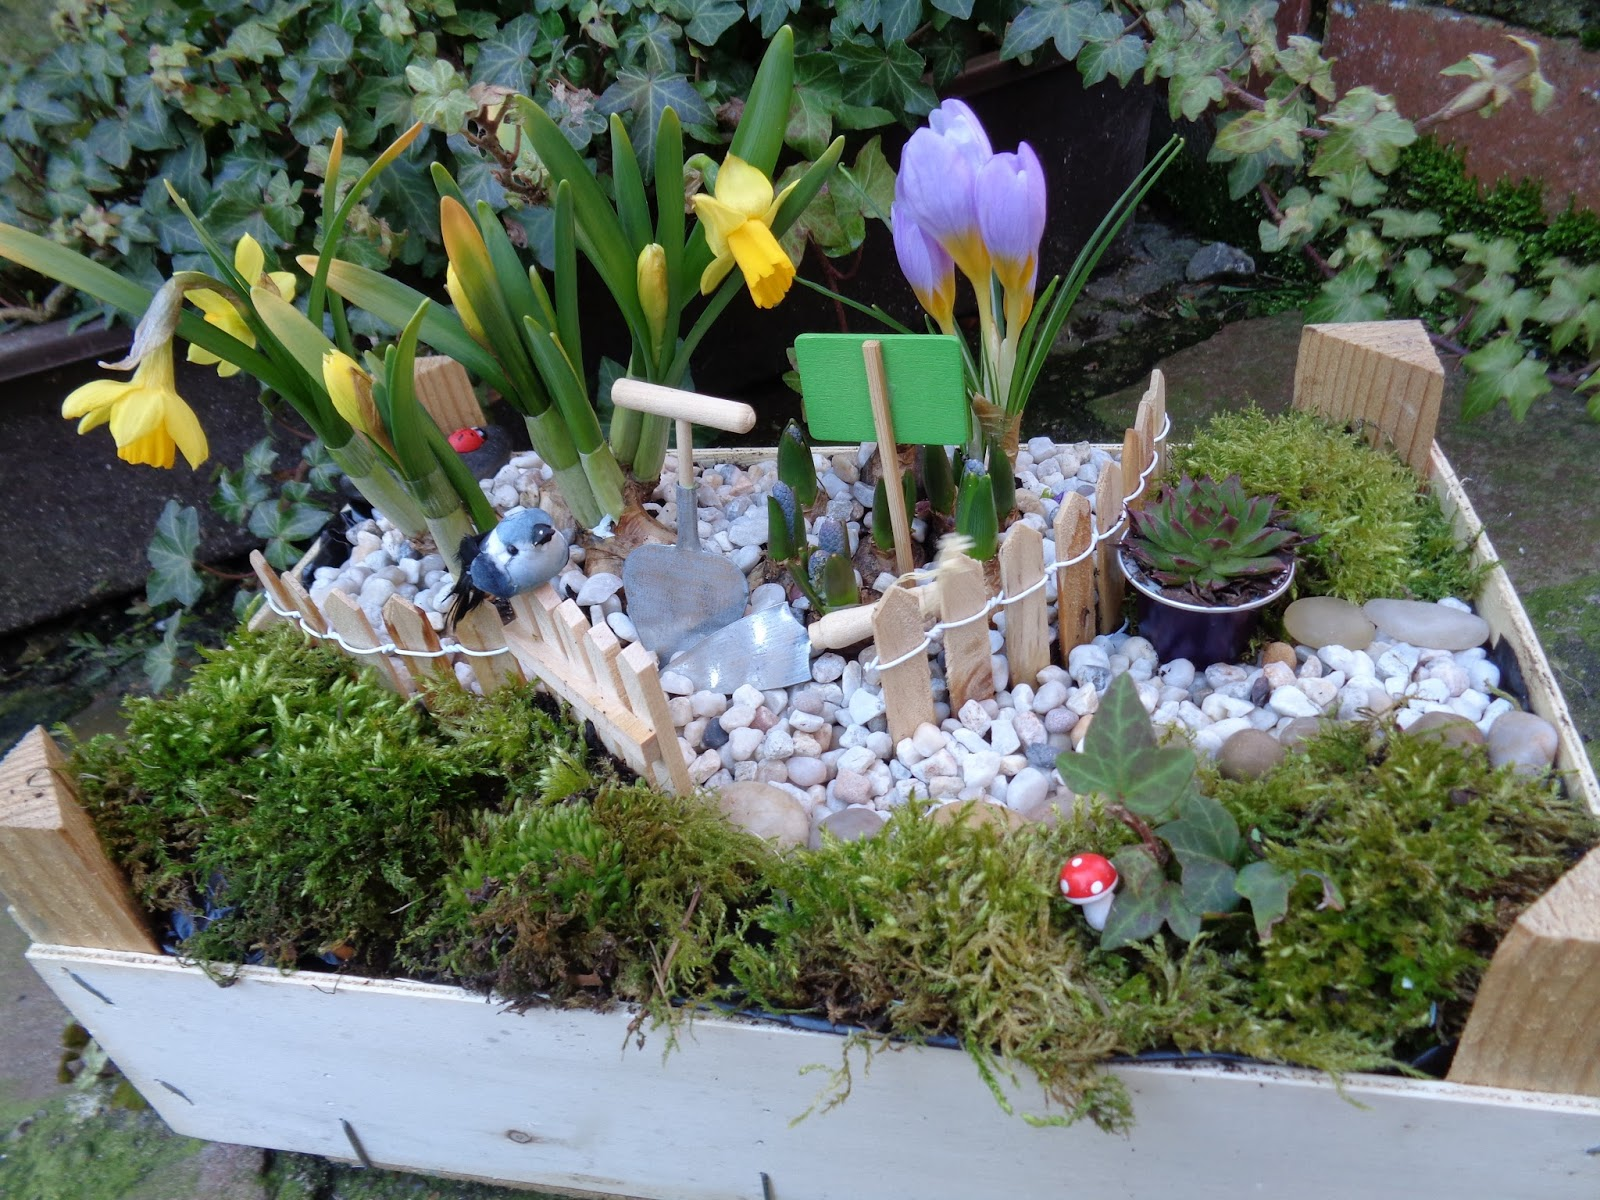 Coeur plein frigo vide mini jardin for Vide jardin tremeoc 2015